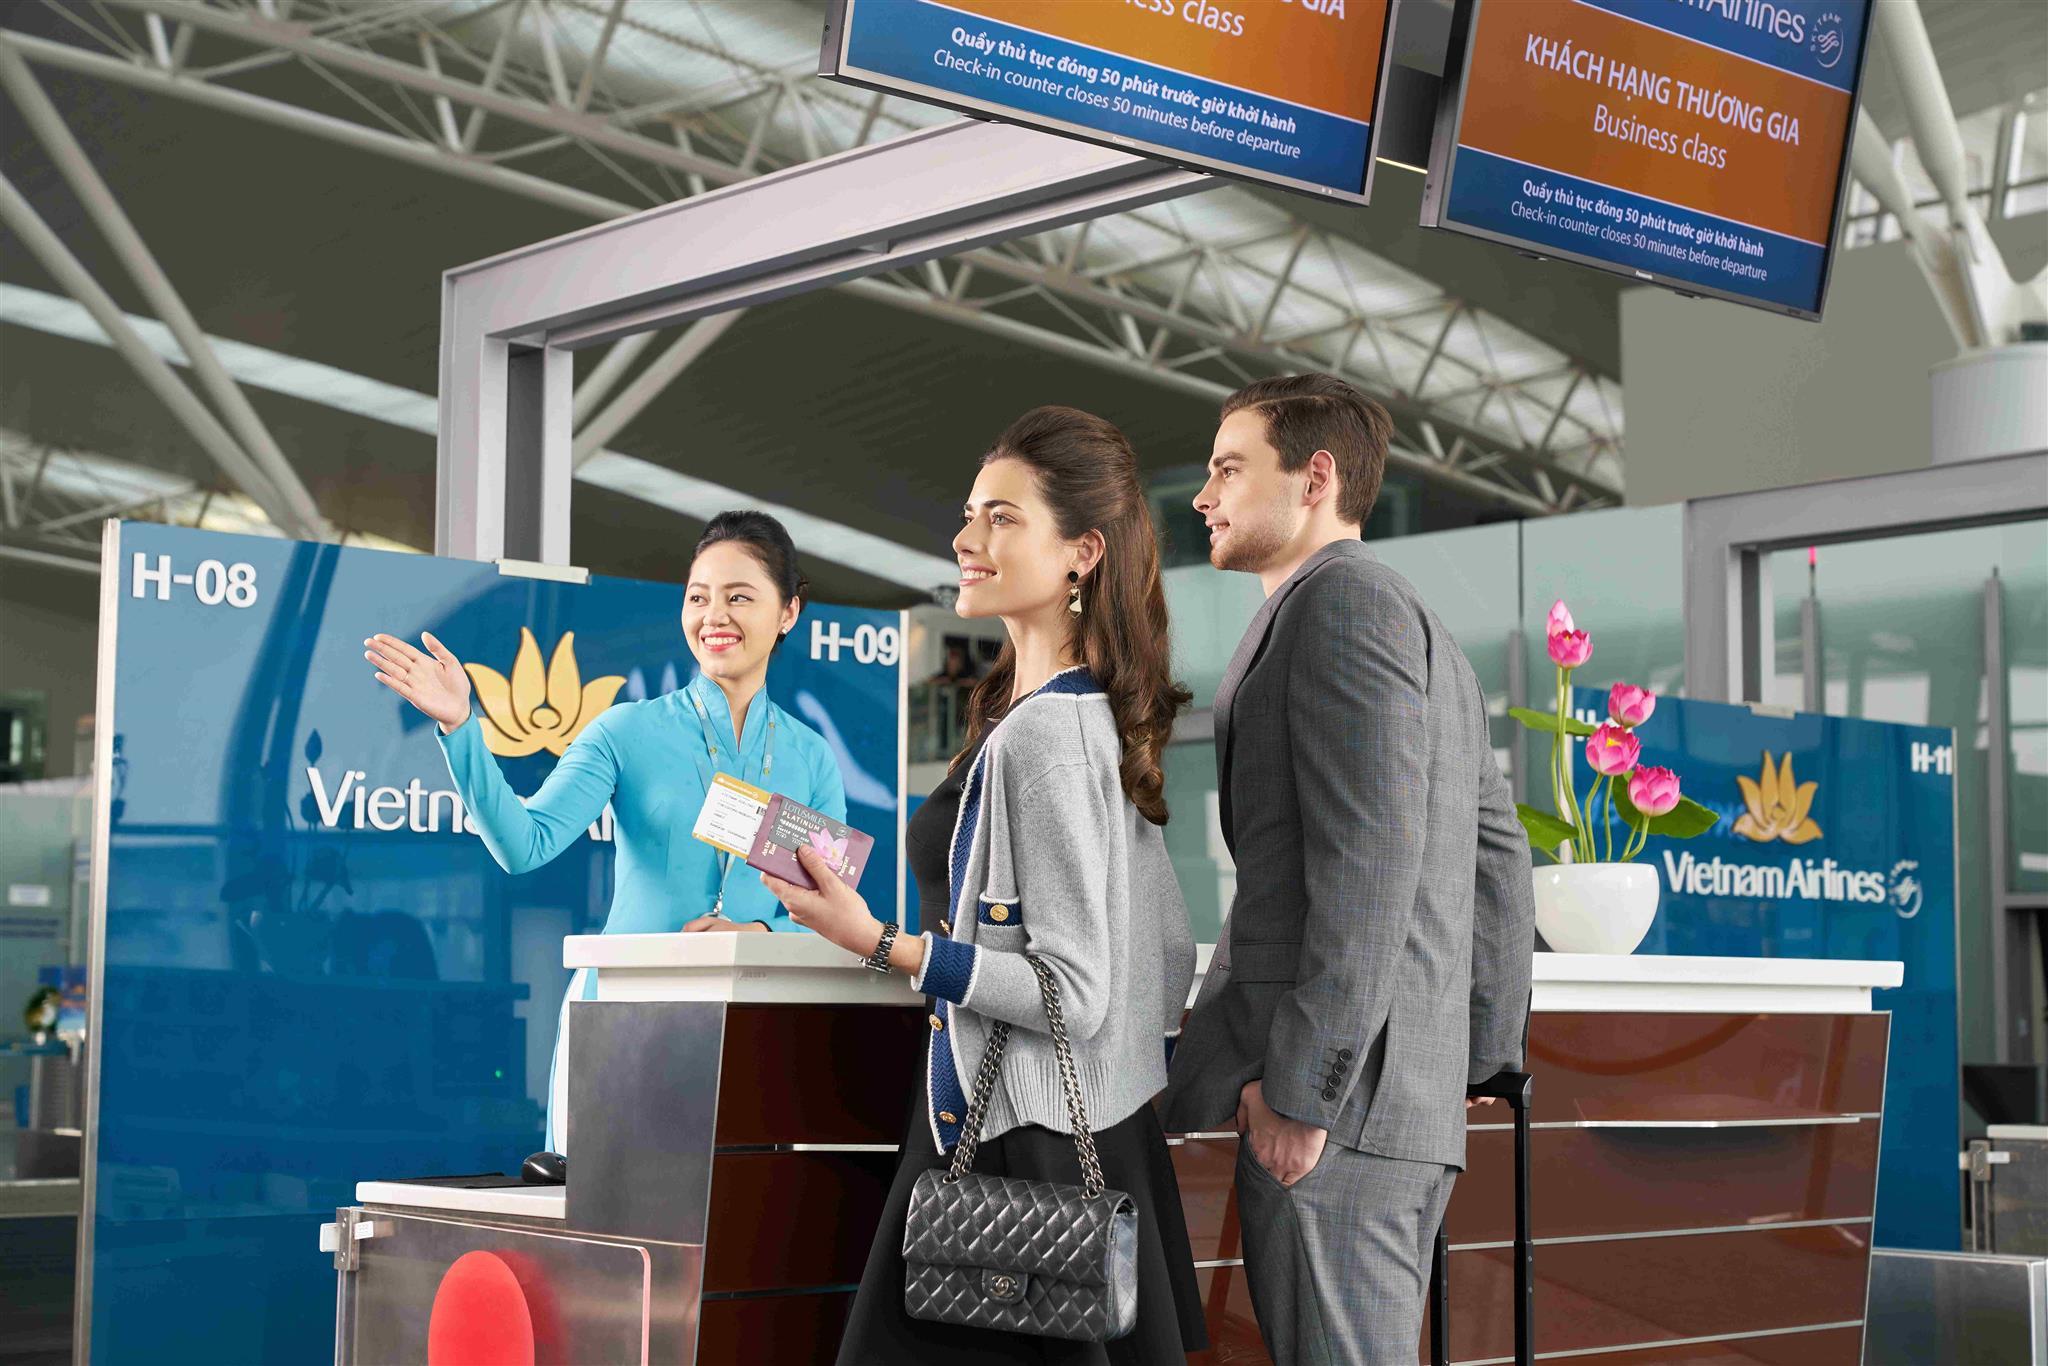 Từ 1/8, khách bay Vietnam Airlines được xách tay 12 kg hành lý thay vì 7 kg